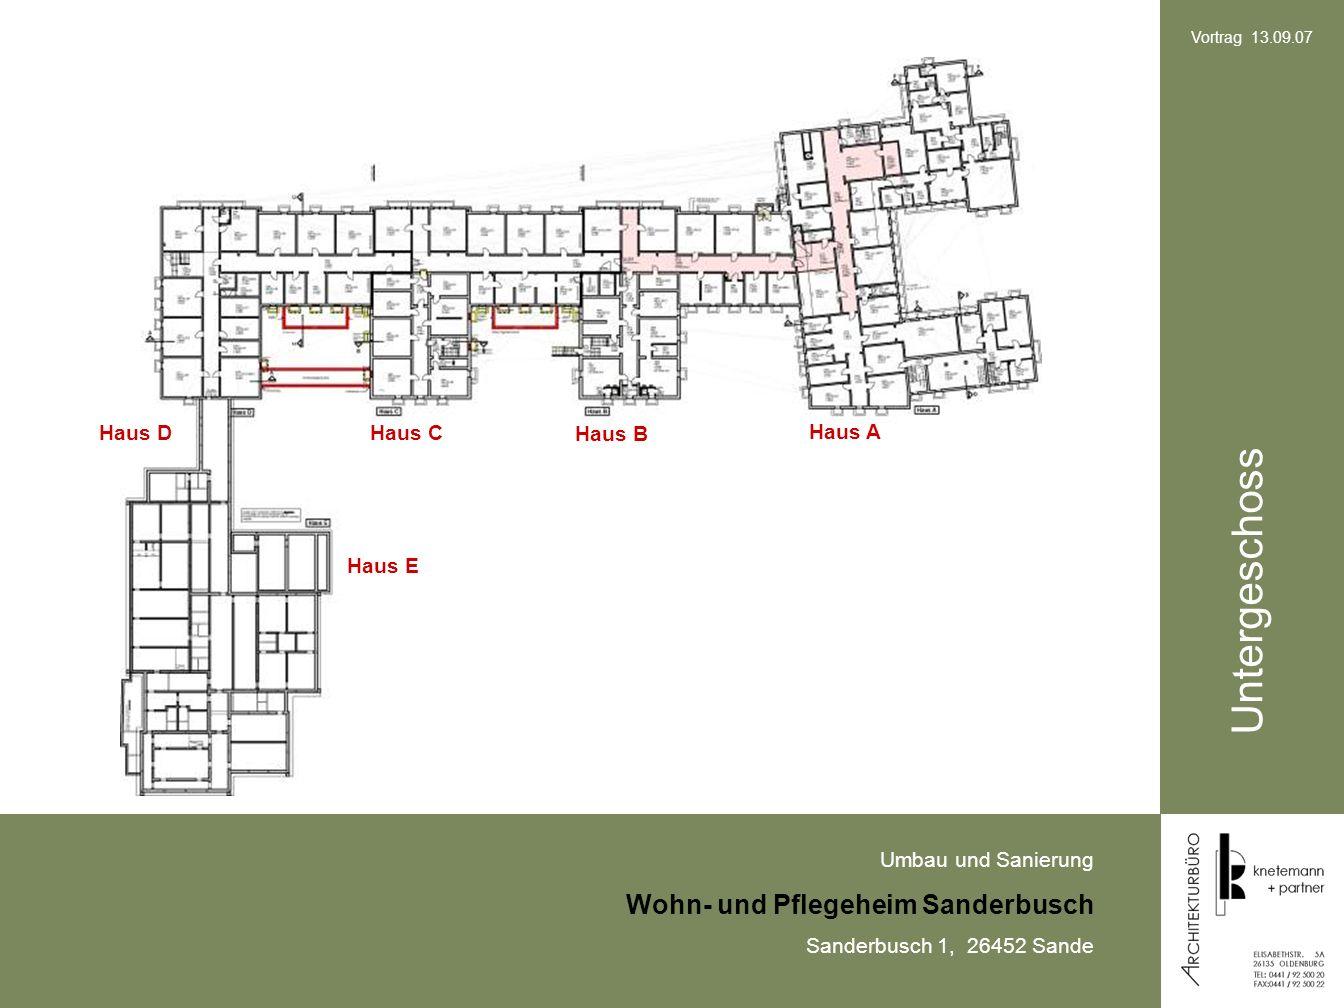 Umbau und Sanierung Wohn- und Pflegeheim Sanderbusch Sanderbusch 1, 26452 Sande Vortrag 13.09.07 Untergeschoss Haus A Haus B Haus C Haus E Haus D